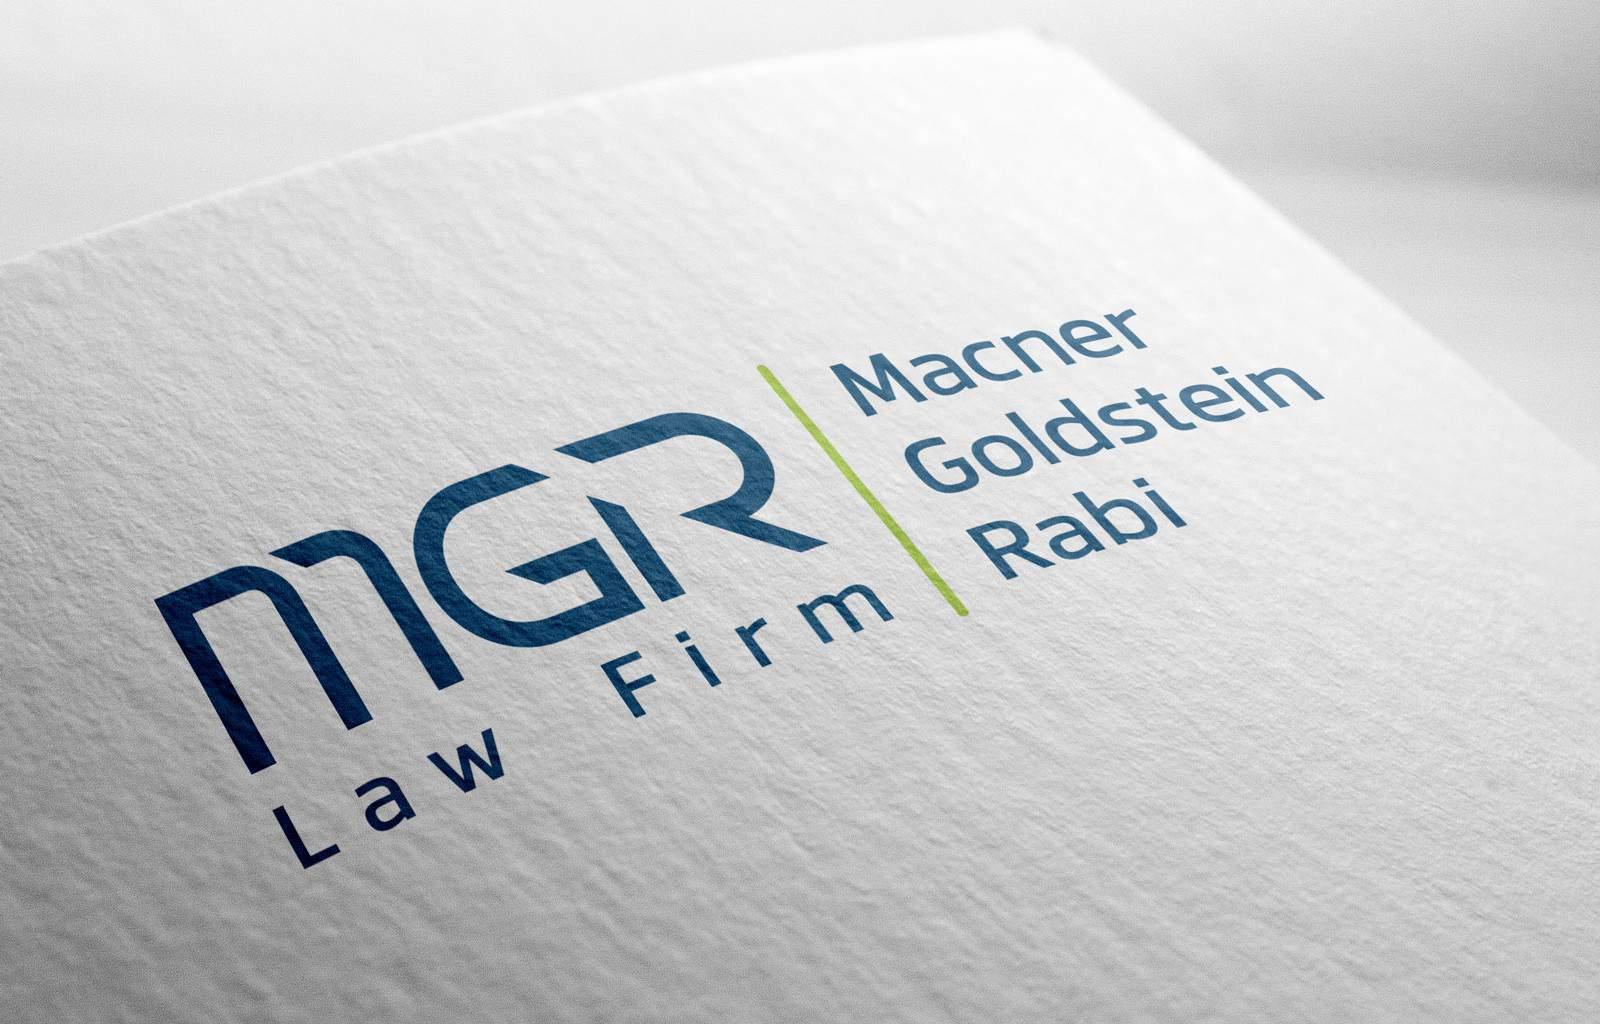 עיצוב לוגו יוקרתי לעורכי דין